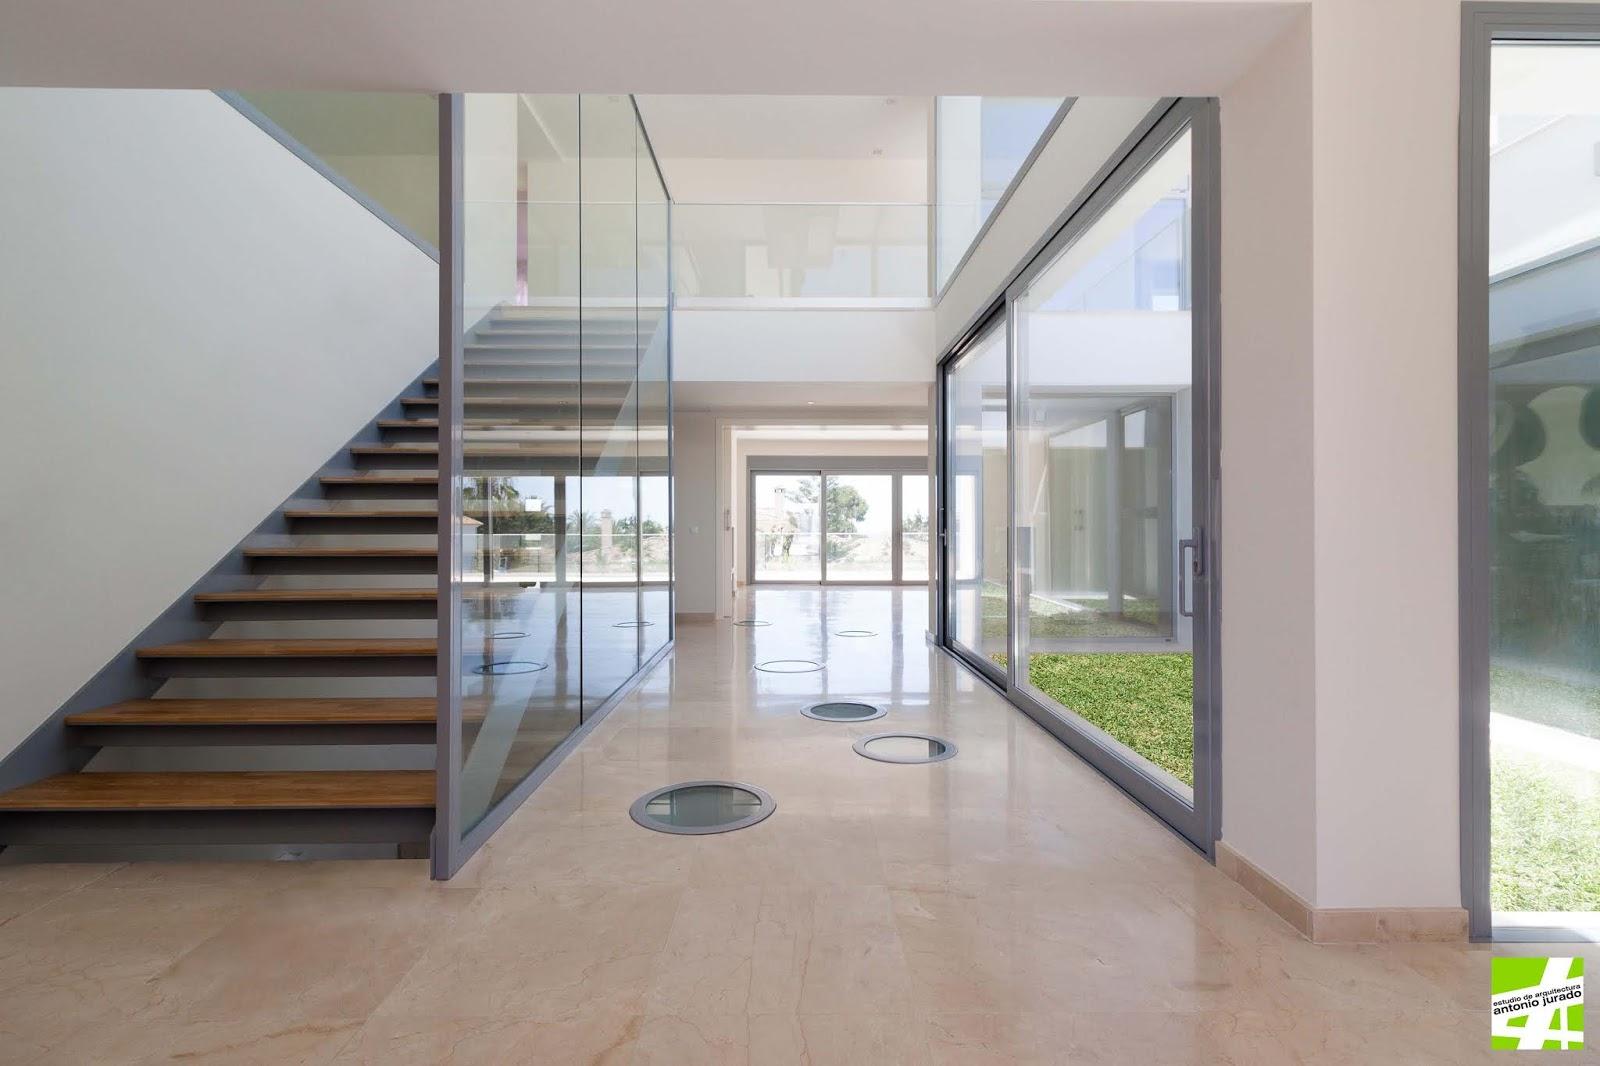 casa-ph-marbella-malaga-antonio-jurado-arquitecto-04